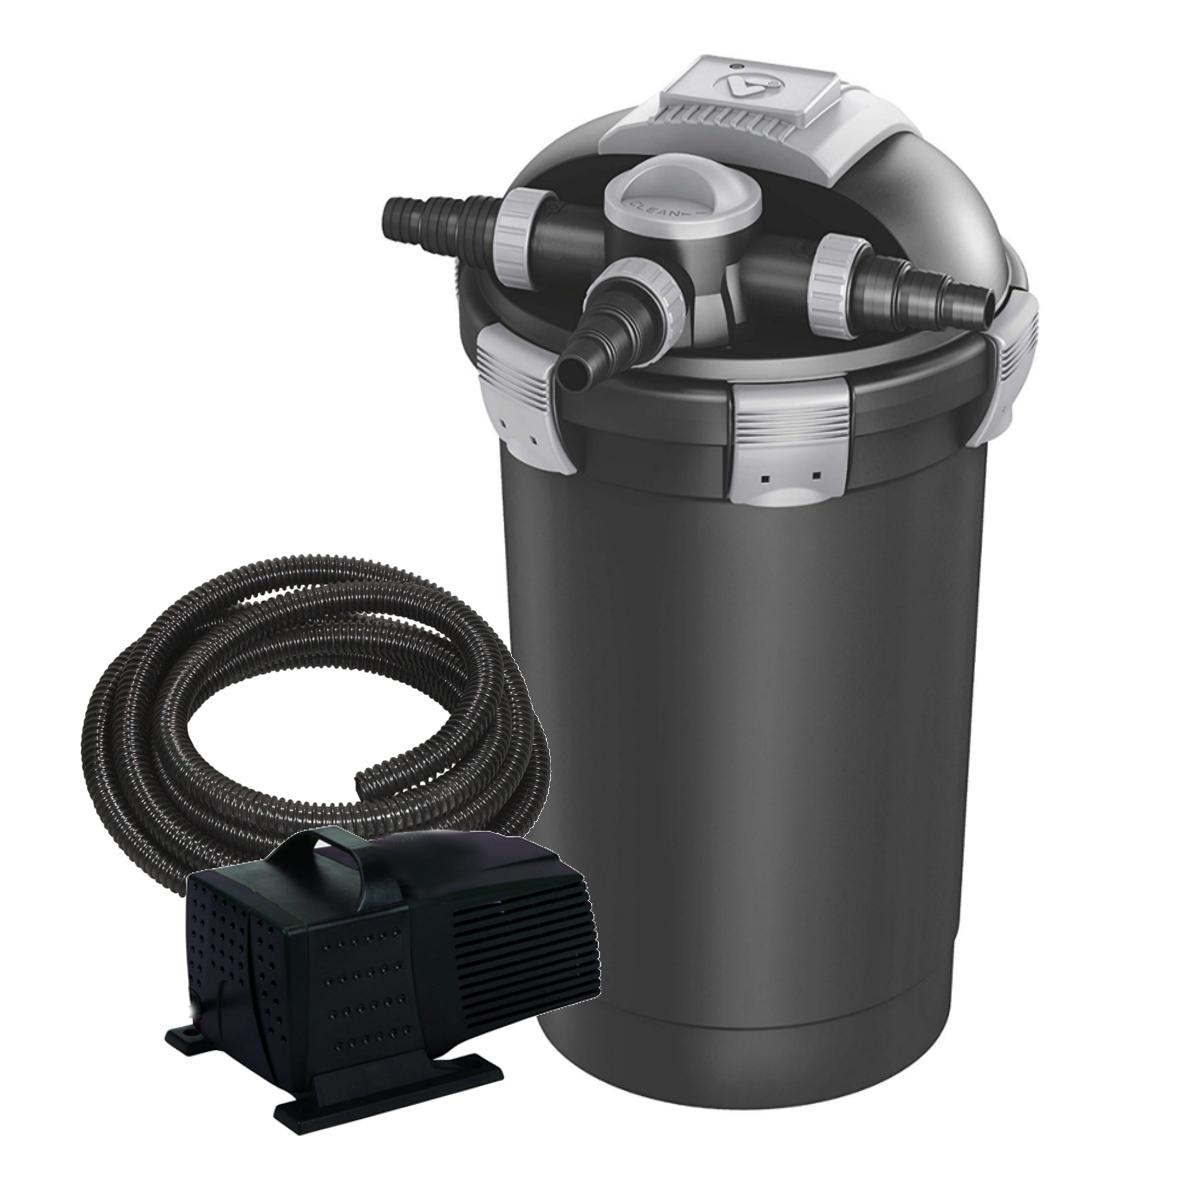 Velda vt vex 300 pond filter and pump set for Pond pump and filter sets